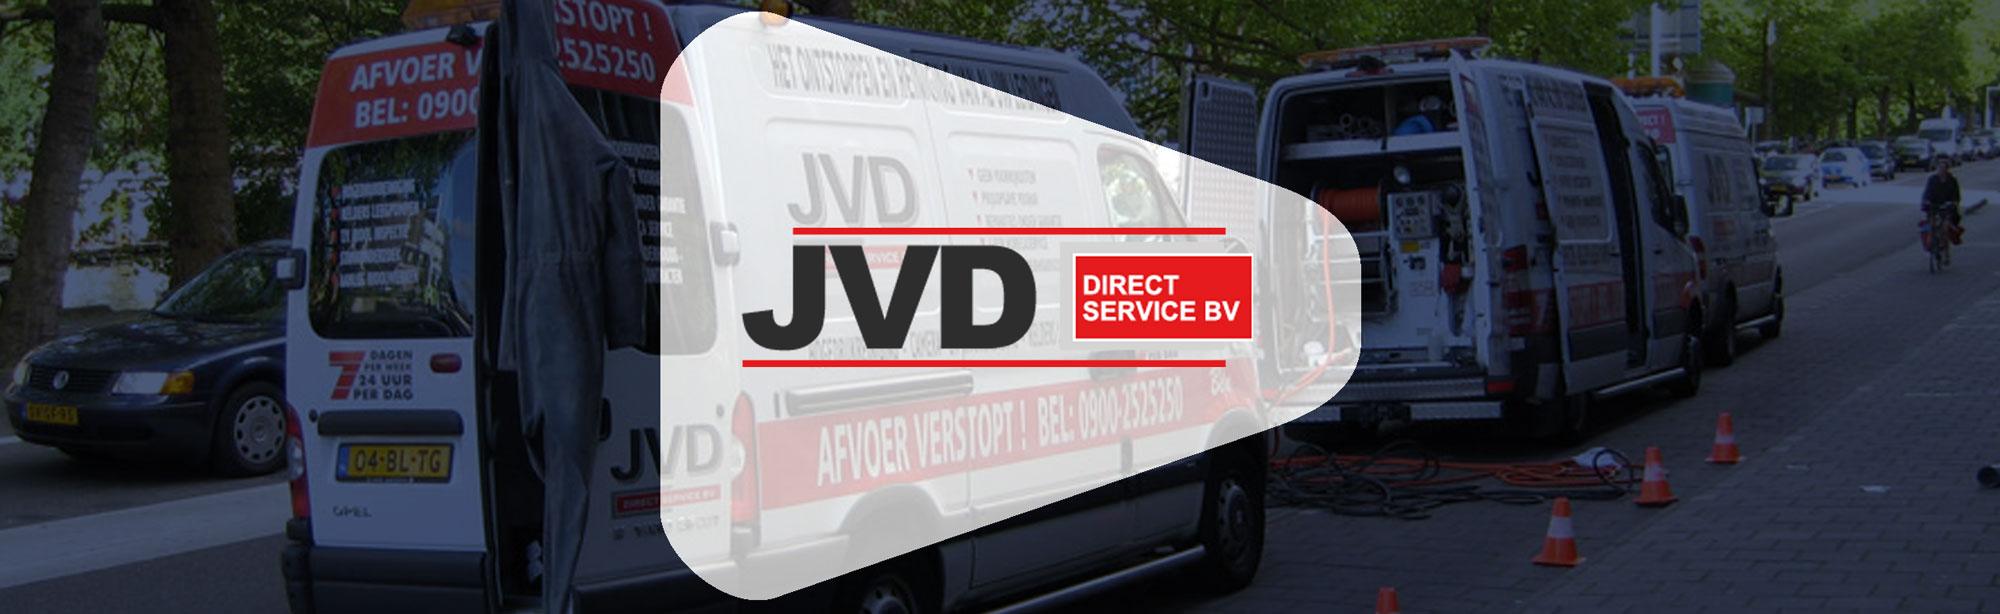 jvd-2